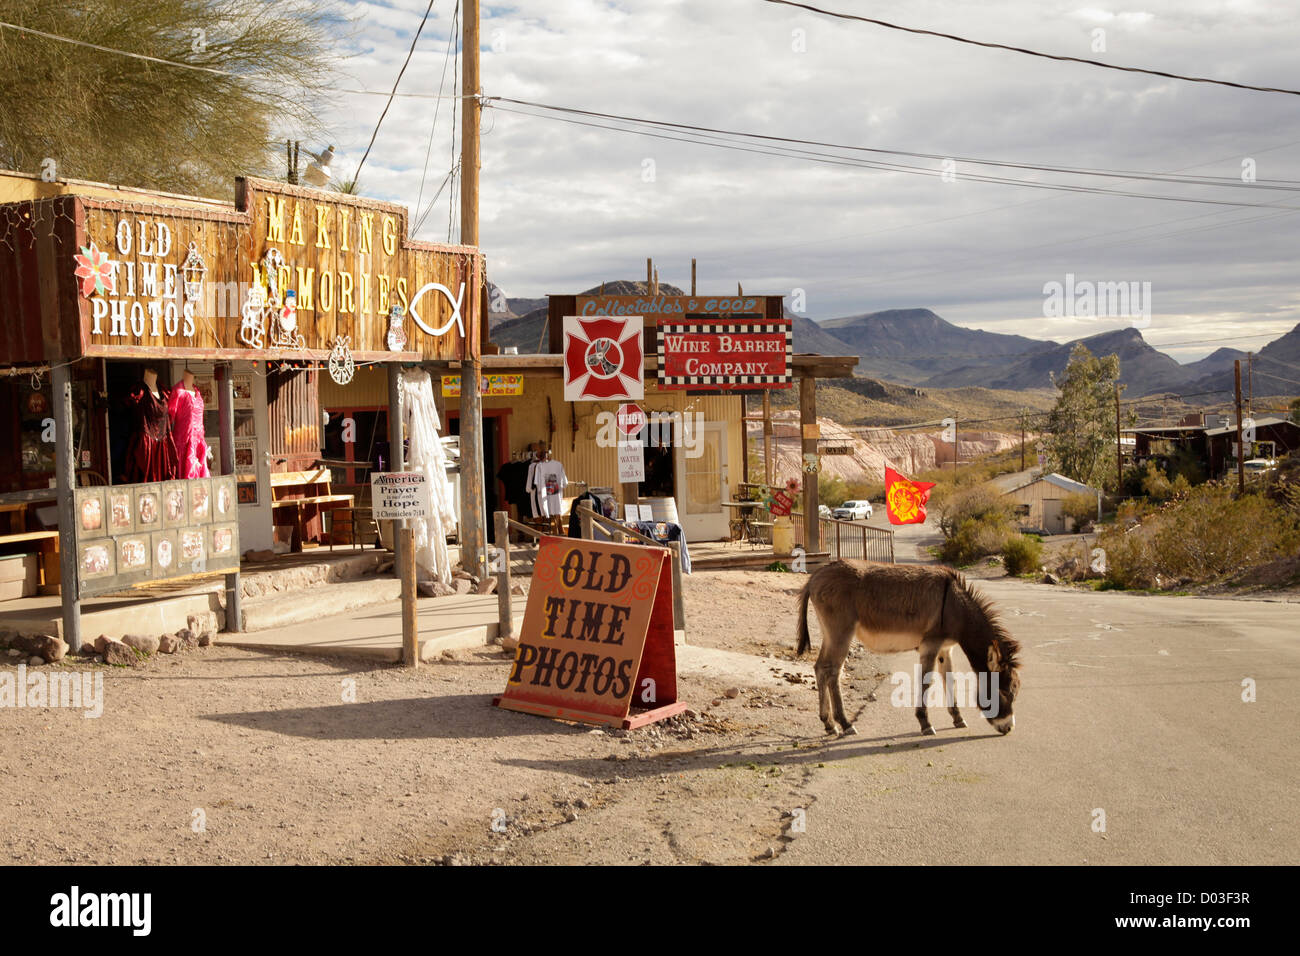 Oatman, Arizona, United States. Route 66 - Stock Image